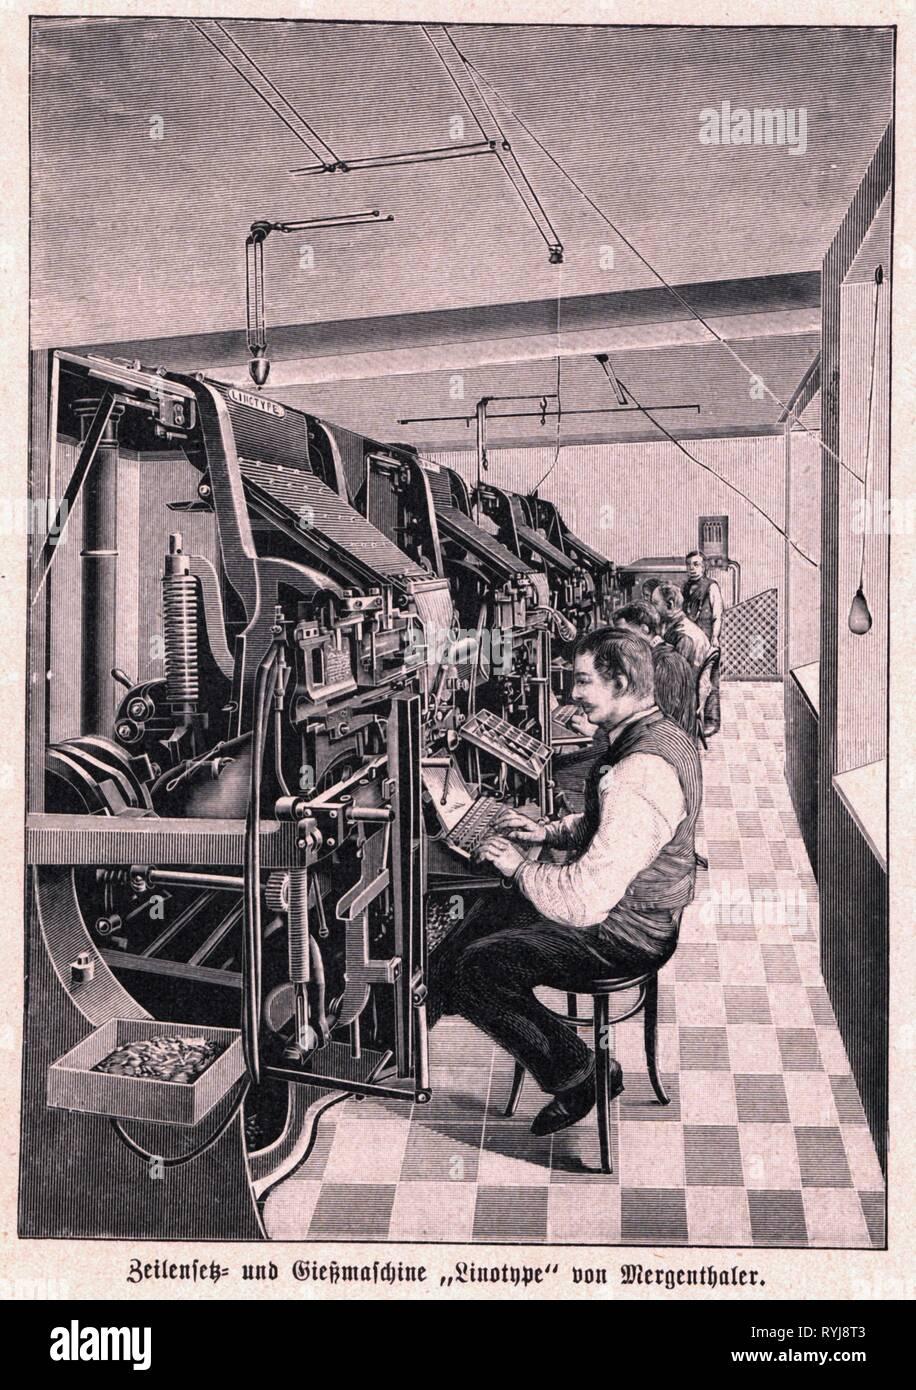 Technics, tipografia, macchinari, typesetting macchina Linotype Simplex di Ottmar Mergenthaler, circa 1895, contemporanea incisione su legno, Additional-Rights-Clearance-Info-Not-Available Immagini Stock